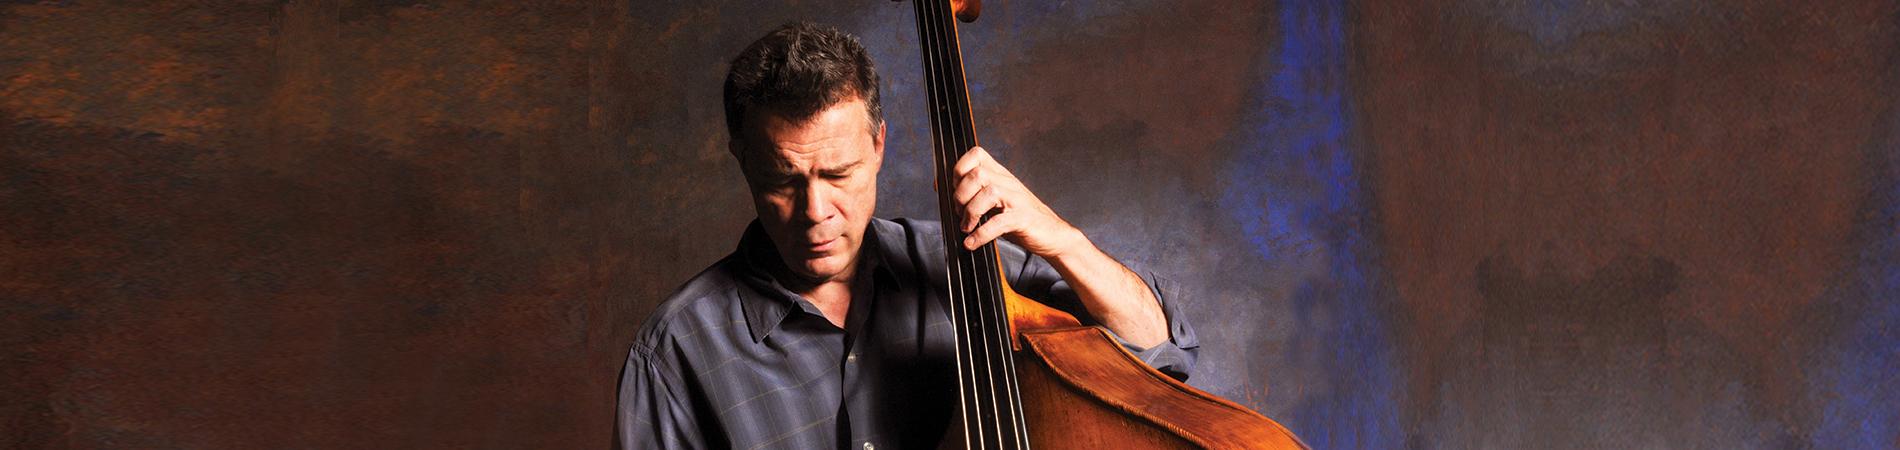 Edgar Meyer, double bass, Westchester Philharmonic